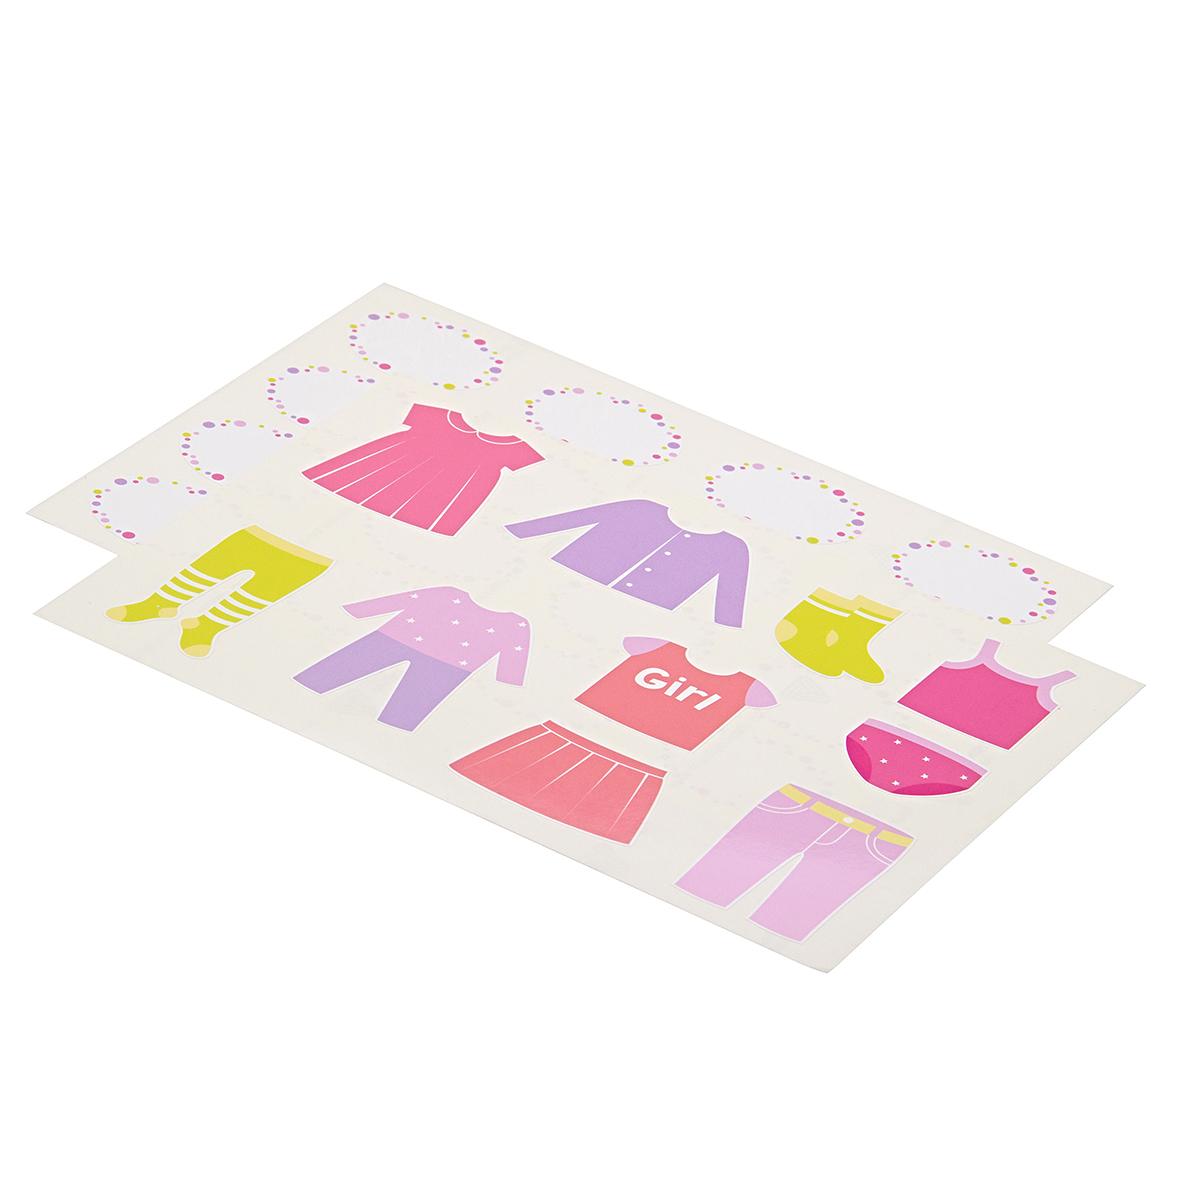 Комплект наклеек в детскую комнату 21×29,7 см, 2 листа, девочки